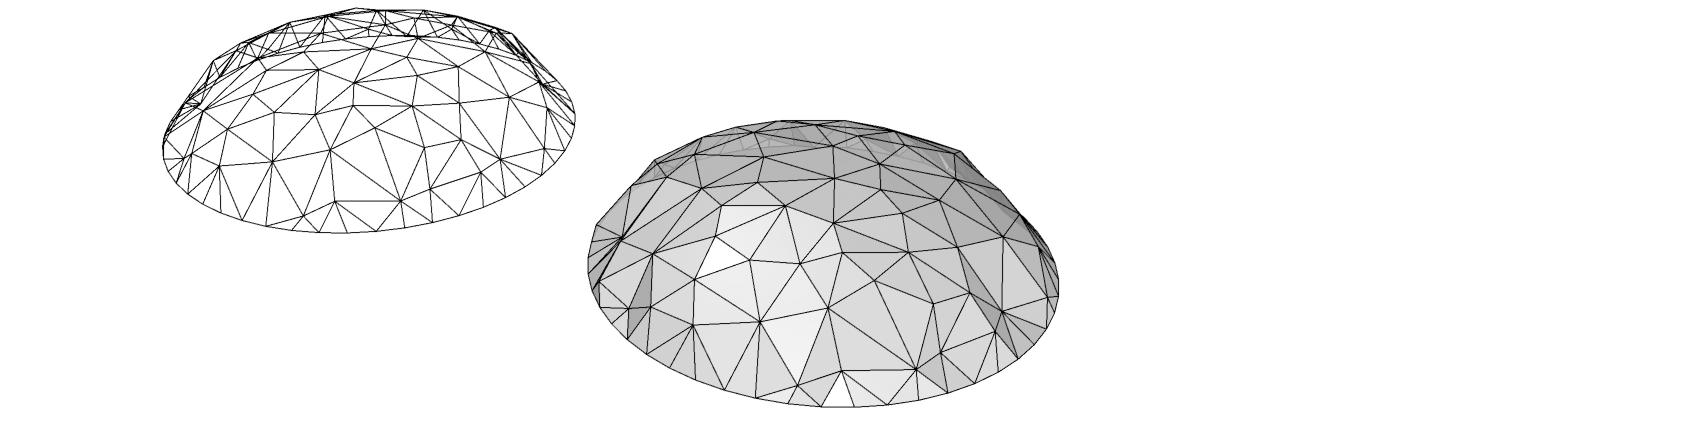 Rhino Refinements - New in Rhino 6